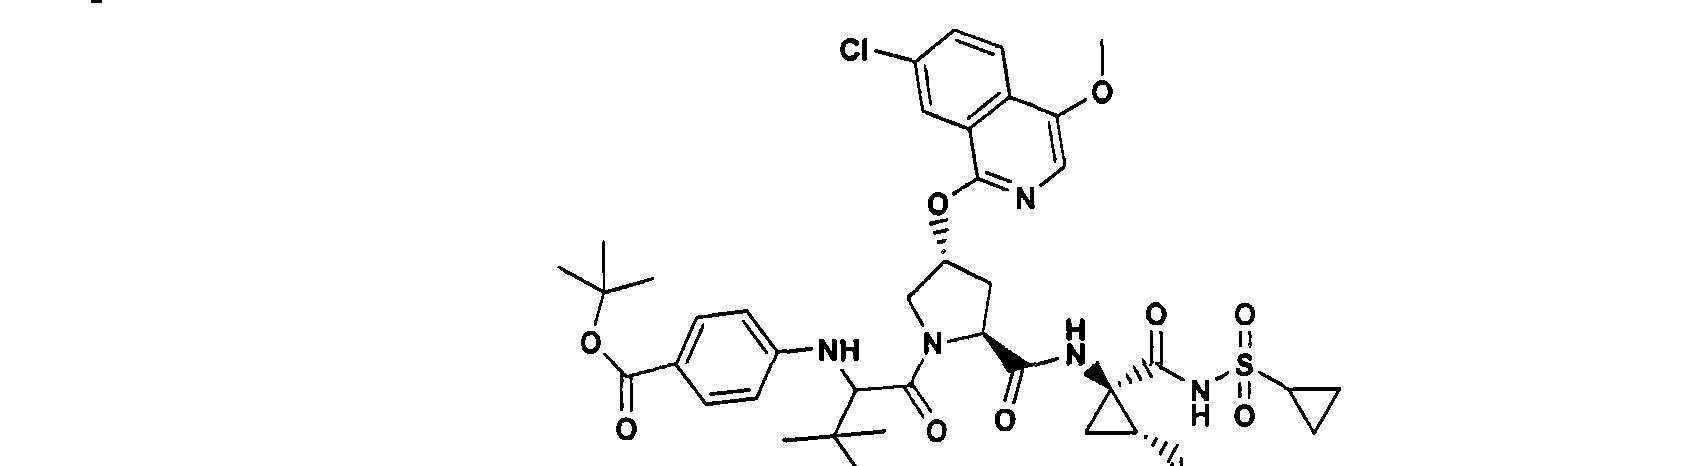 Figure CN101541784BD01261